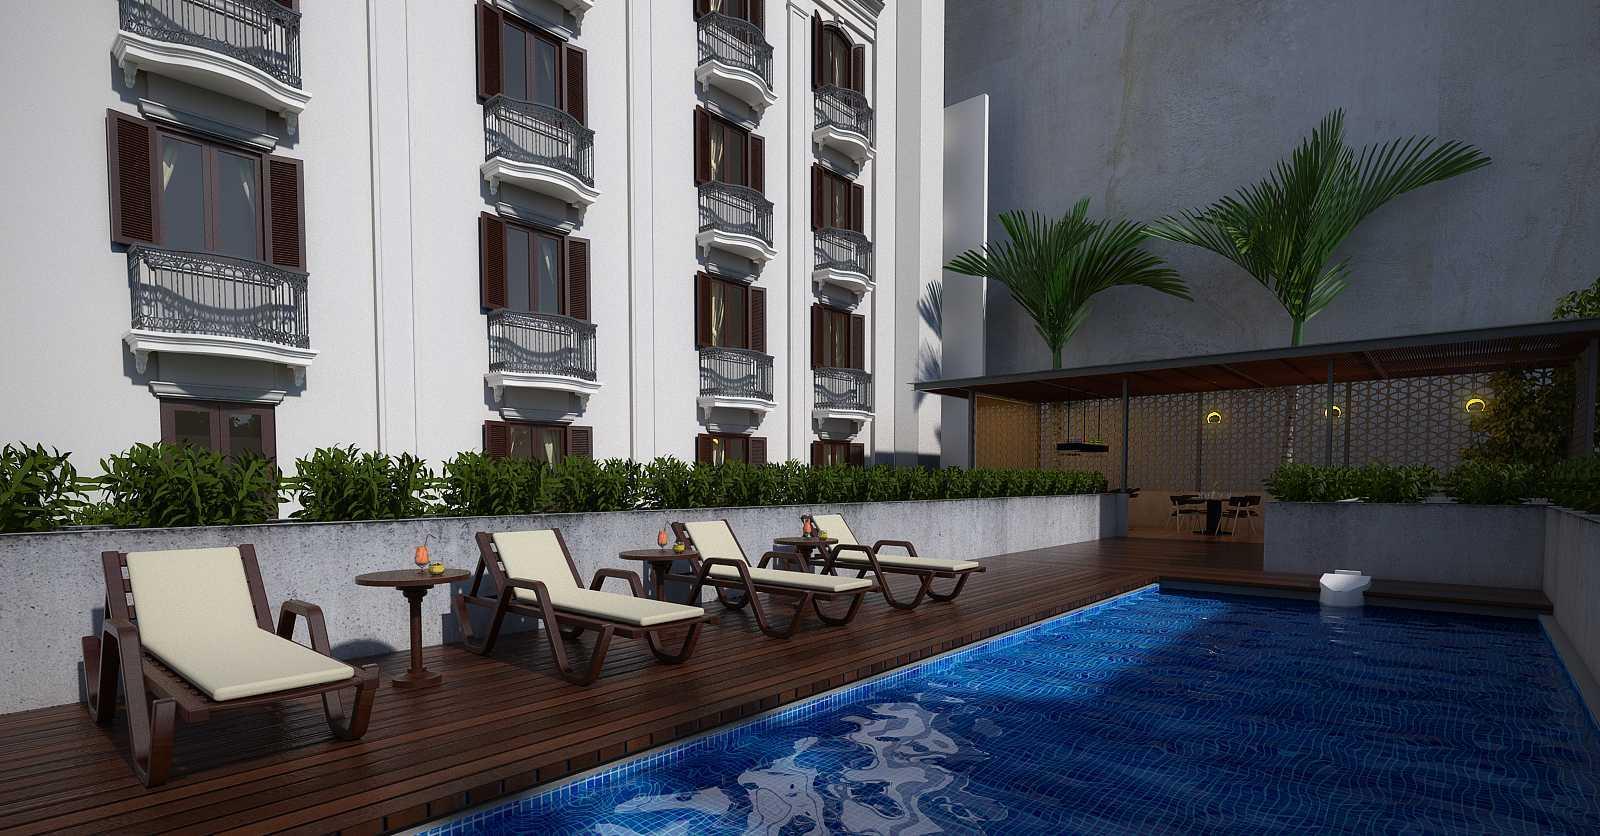 Pt. Garisprada Des Indes Hotel Menteng, Central Jakarta City, Jakarta, Indonesia Menteng Pool Area Kontemporer  22608